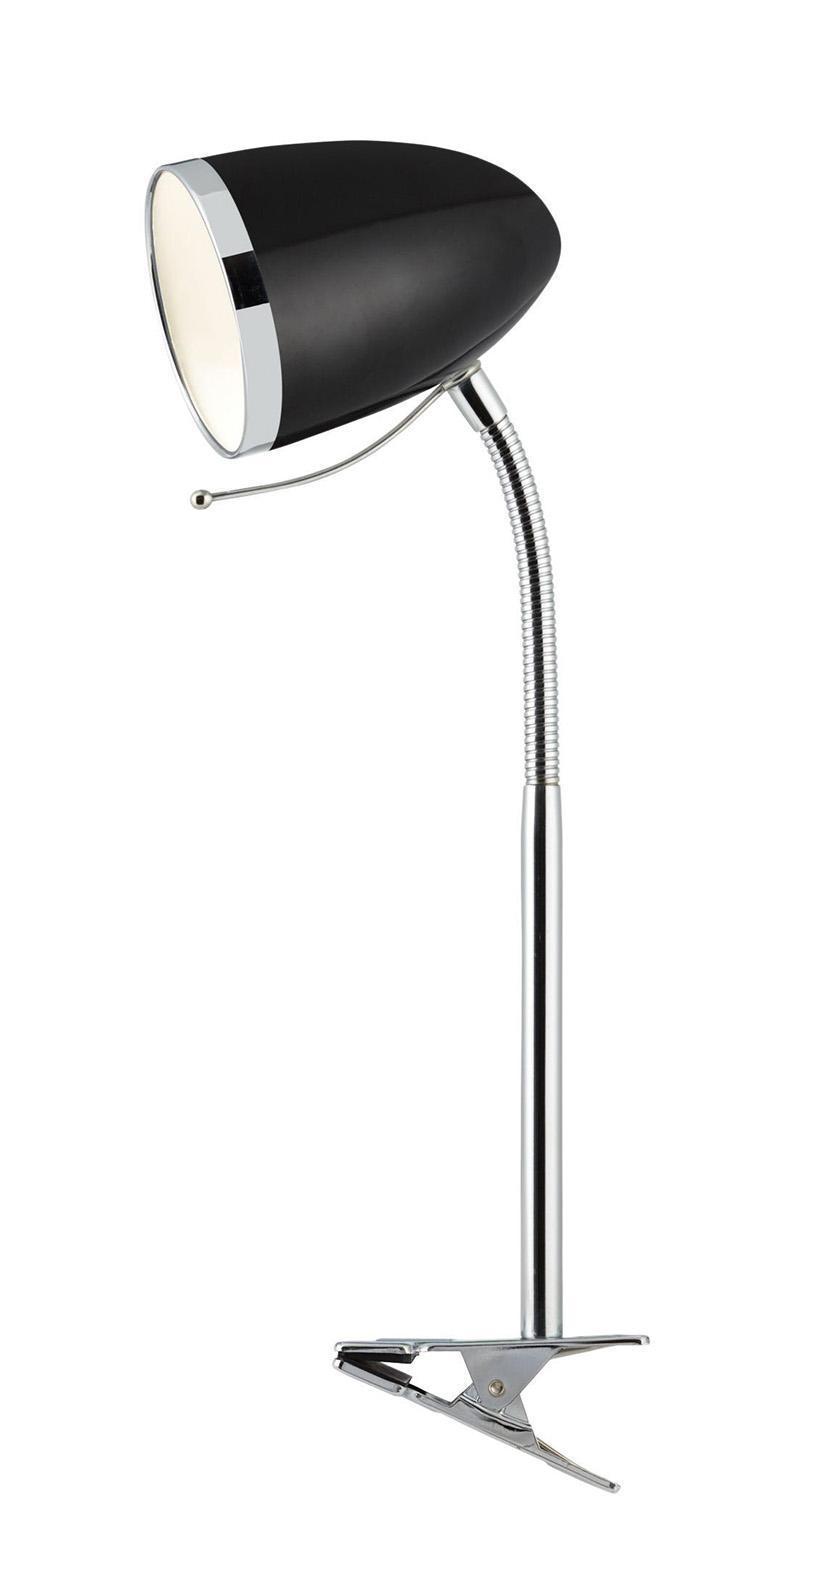 A6155LT-1BK COSY Настольный СветильникA6155LT-1BKНастольная лампа Arte Lamp A6155LT-1BK Cosy — это высокое качество по приемлемой цене. Вся продукция Arte Lamp сертифицирована согласно требований Европейских директив и имеет маркировку CE. Защита окружающей среды — обязательное условие при производстве всего ассортимента фабрики. Светильник Arte Lamp A6155LT-1BK Cosy — это гармония между функциональностью и формой, где ключевую роль играет дизайн. Фабрика Arte Lamp диктует новые и перспективные тренды в дизайне. 1xE27 40W Материал: Арматура: Металл / Плафон: Металл крашеный Цвет: Арматура: Черный Размер: 42x97x97